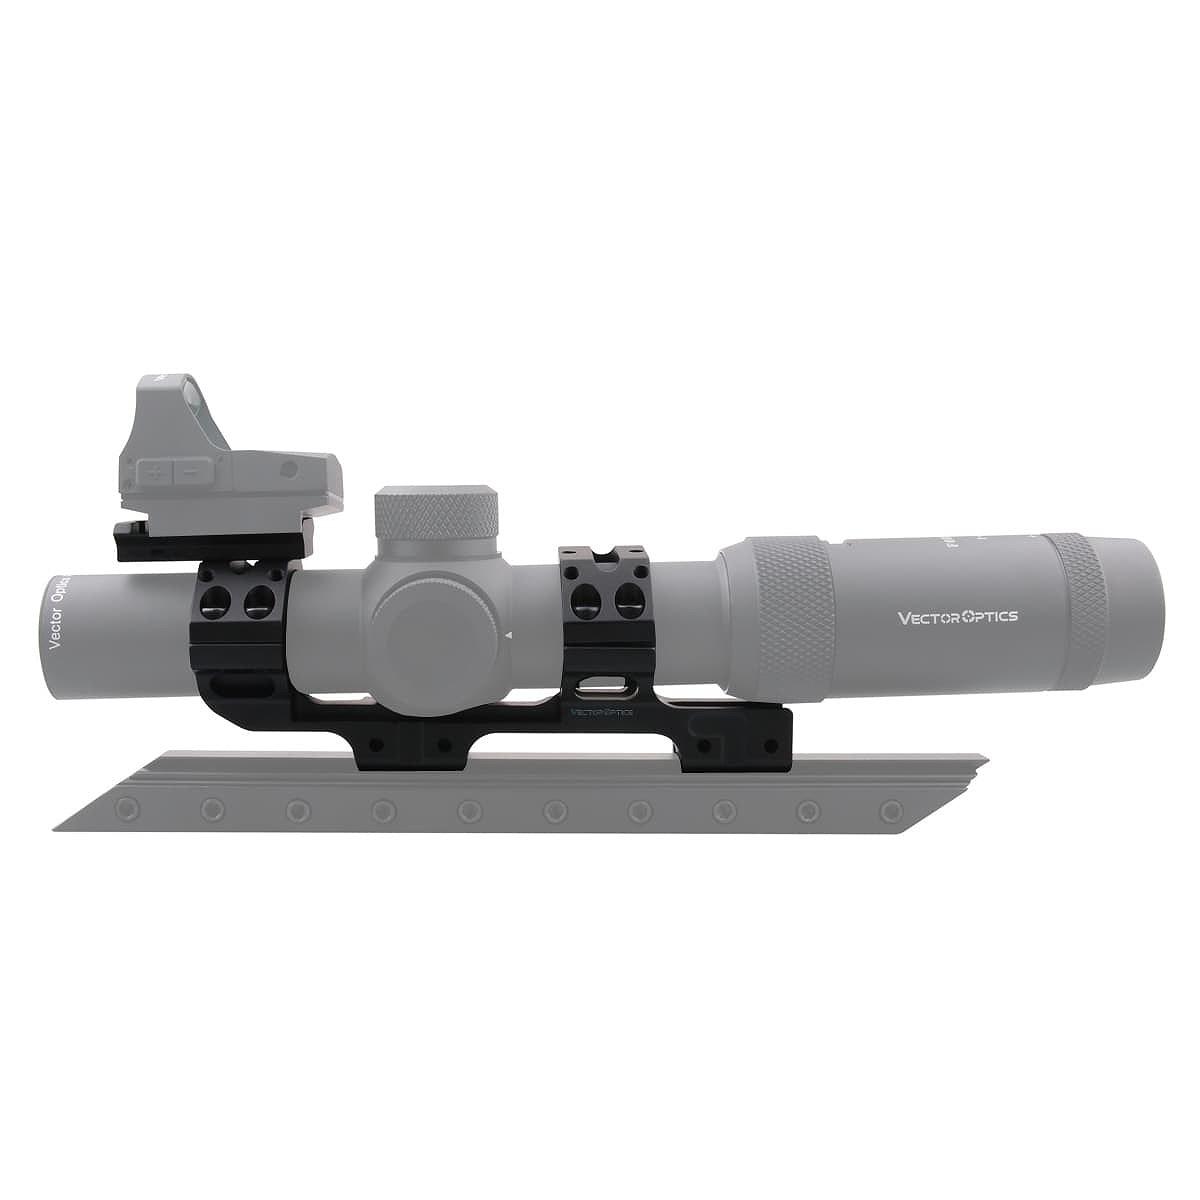 【お届け予定日: 5月30日】ベクターオプティクス スコープマウント 30mm One PieceDovetail Mount  Vector Optics SCACD-16